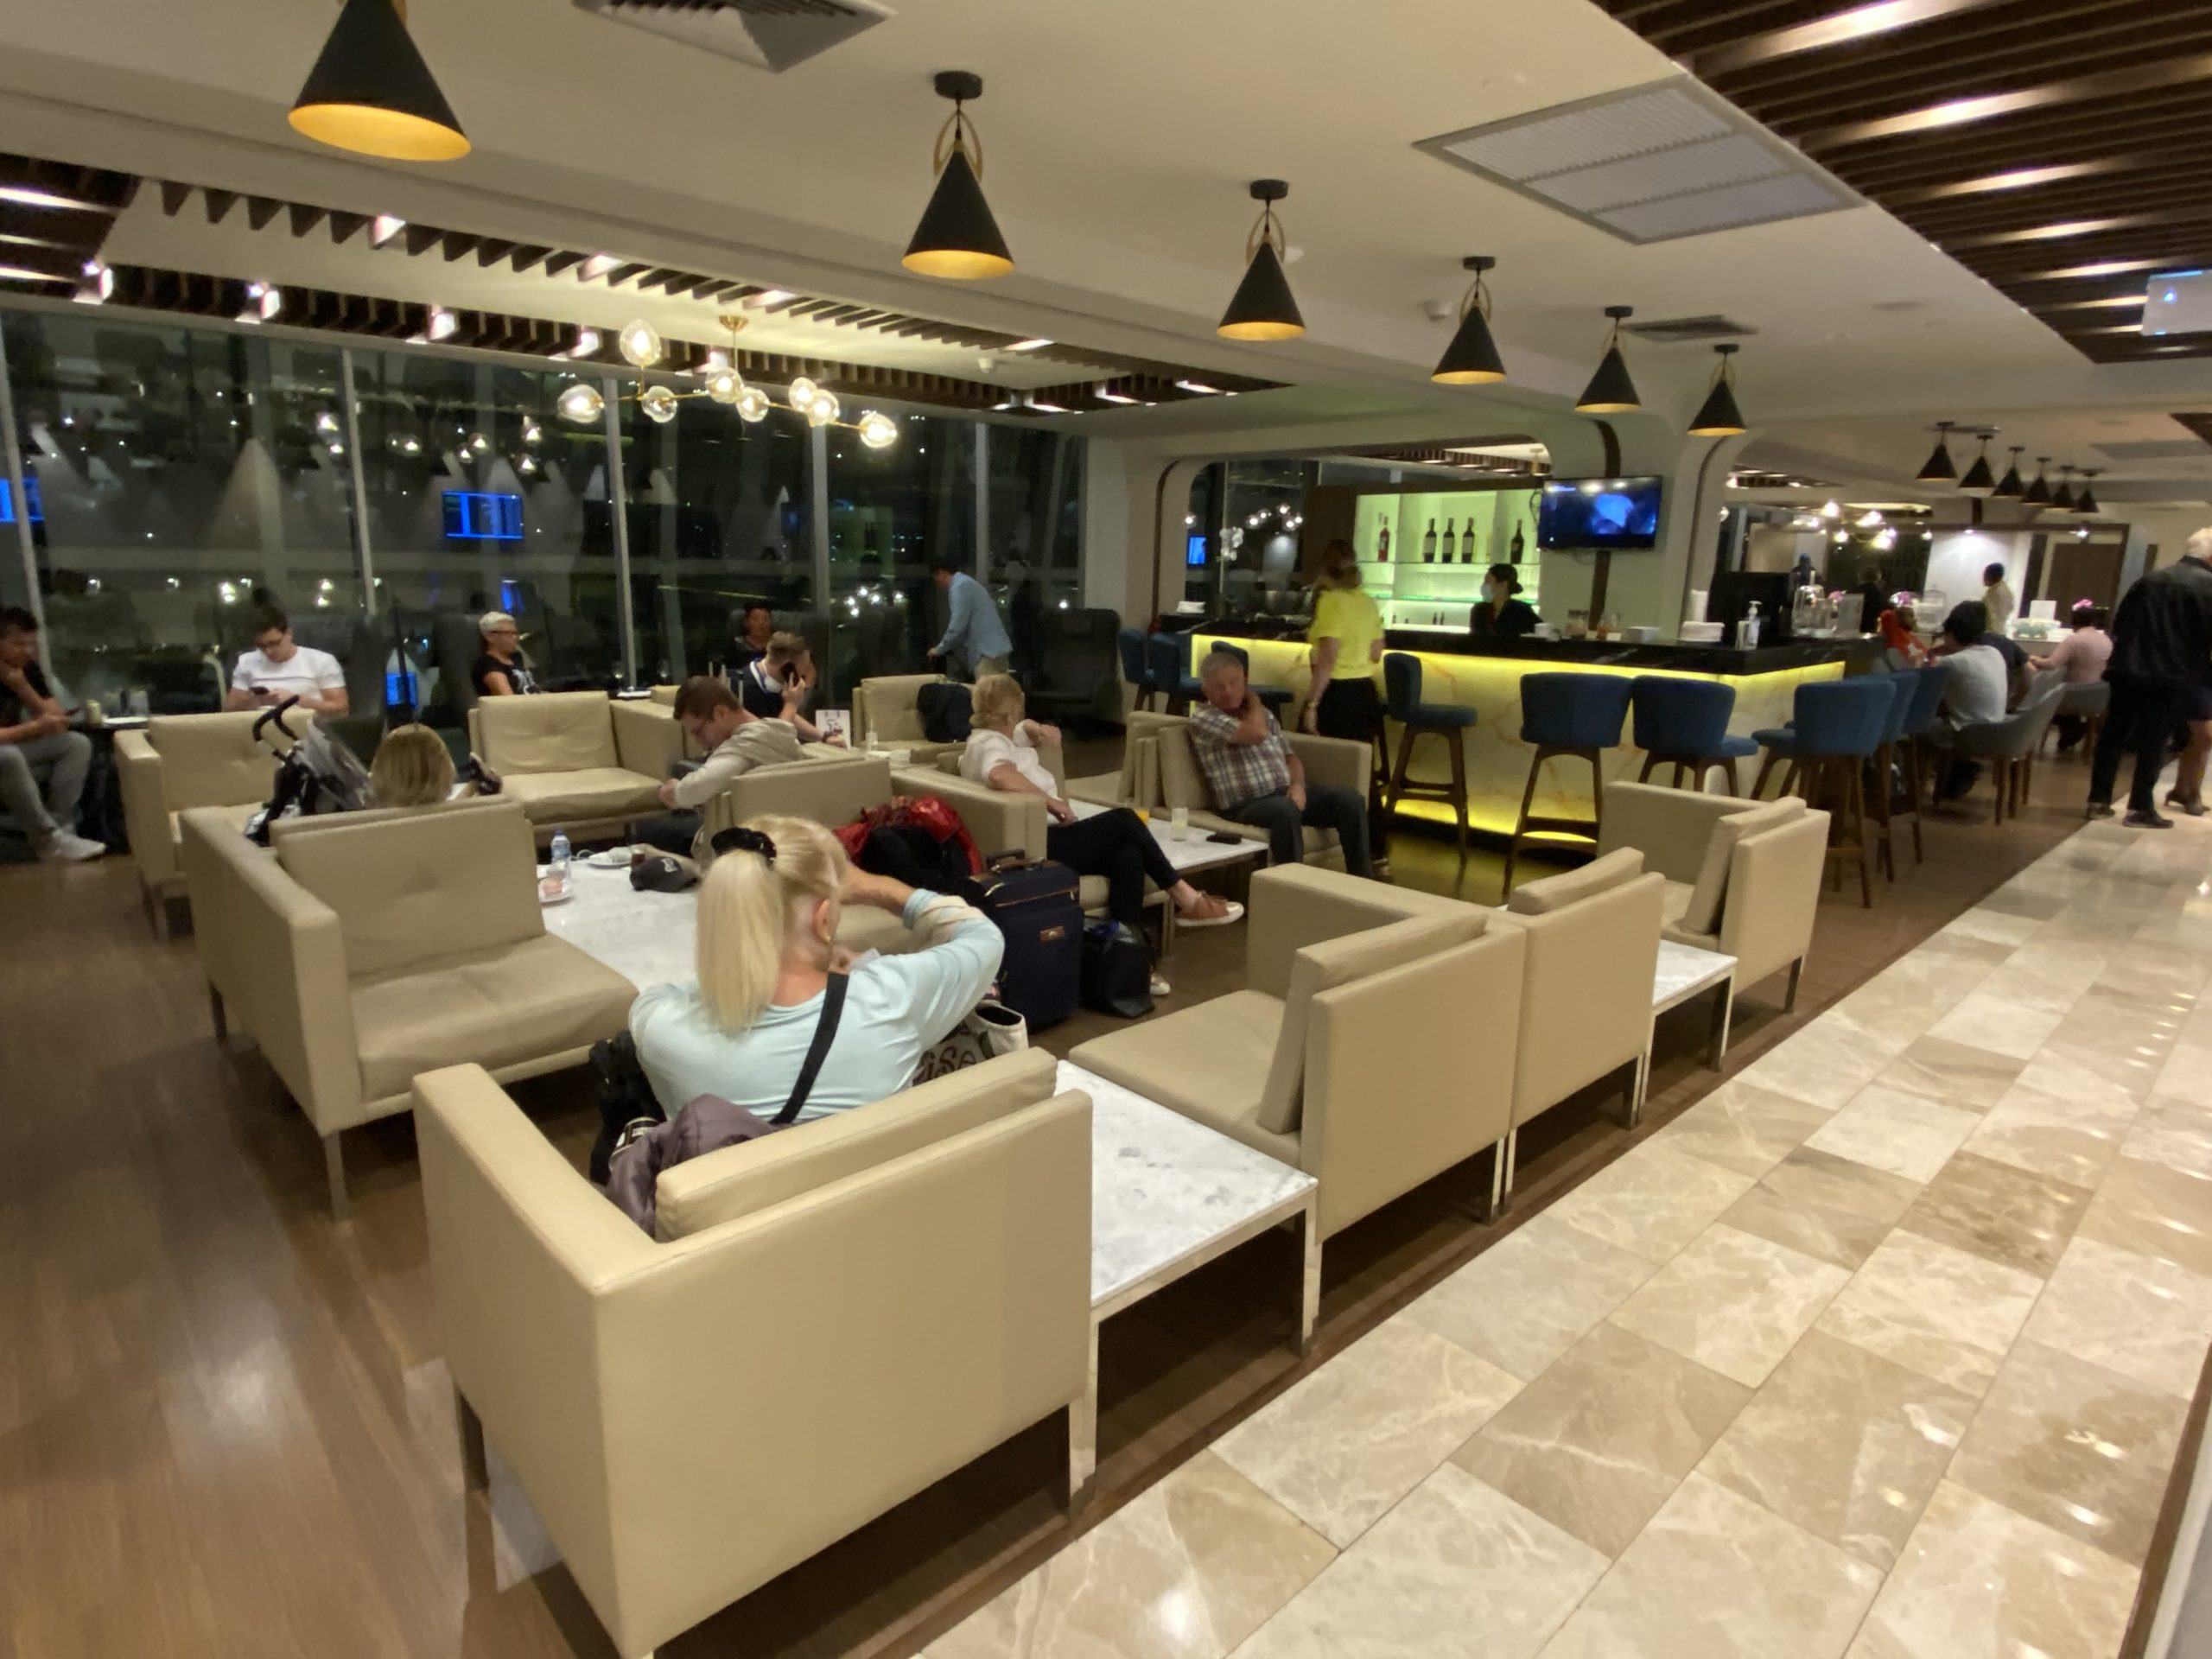 【無料も可】プライオリティ・パスの概要&使える4つの空港ラウンジを解説【タイ バンコク スワナプーム空港編】